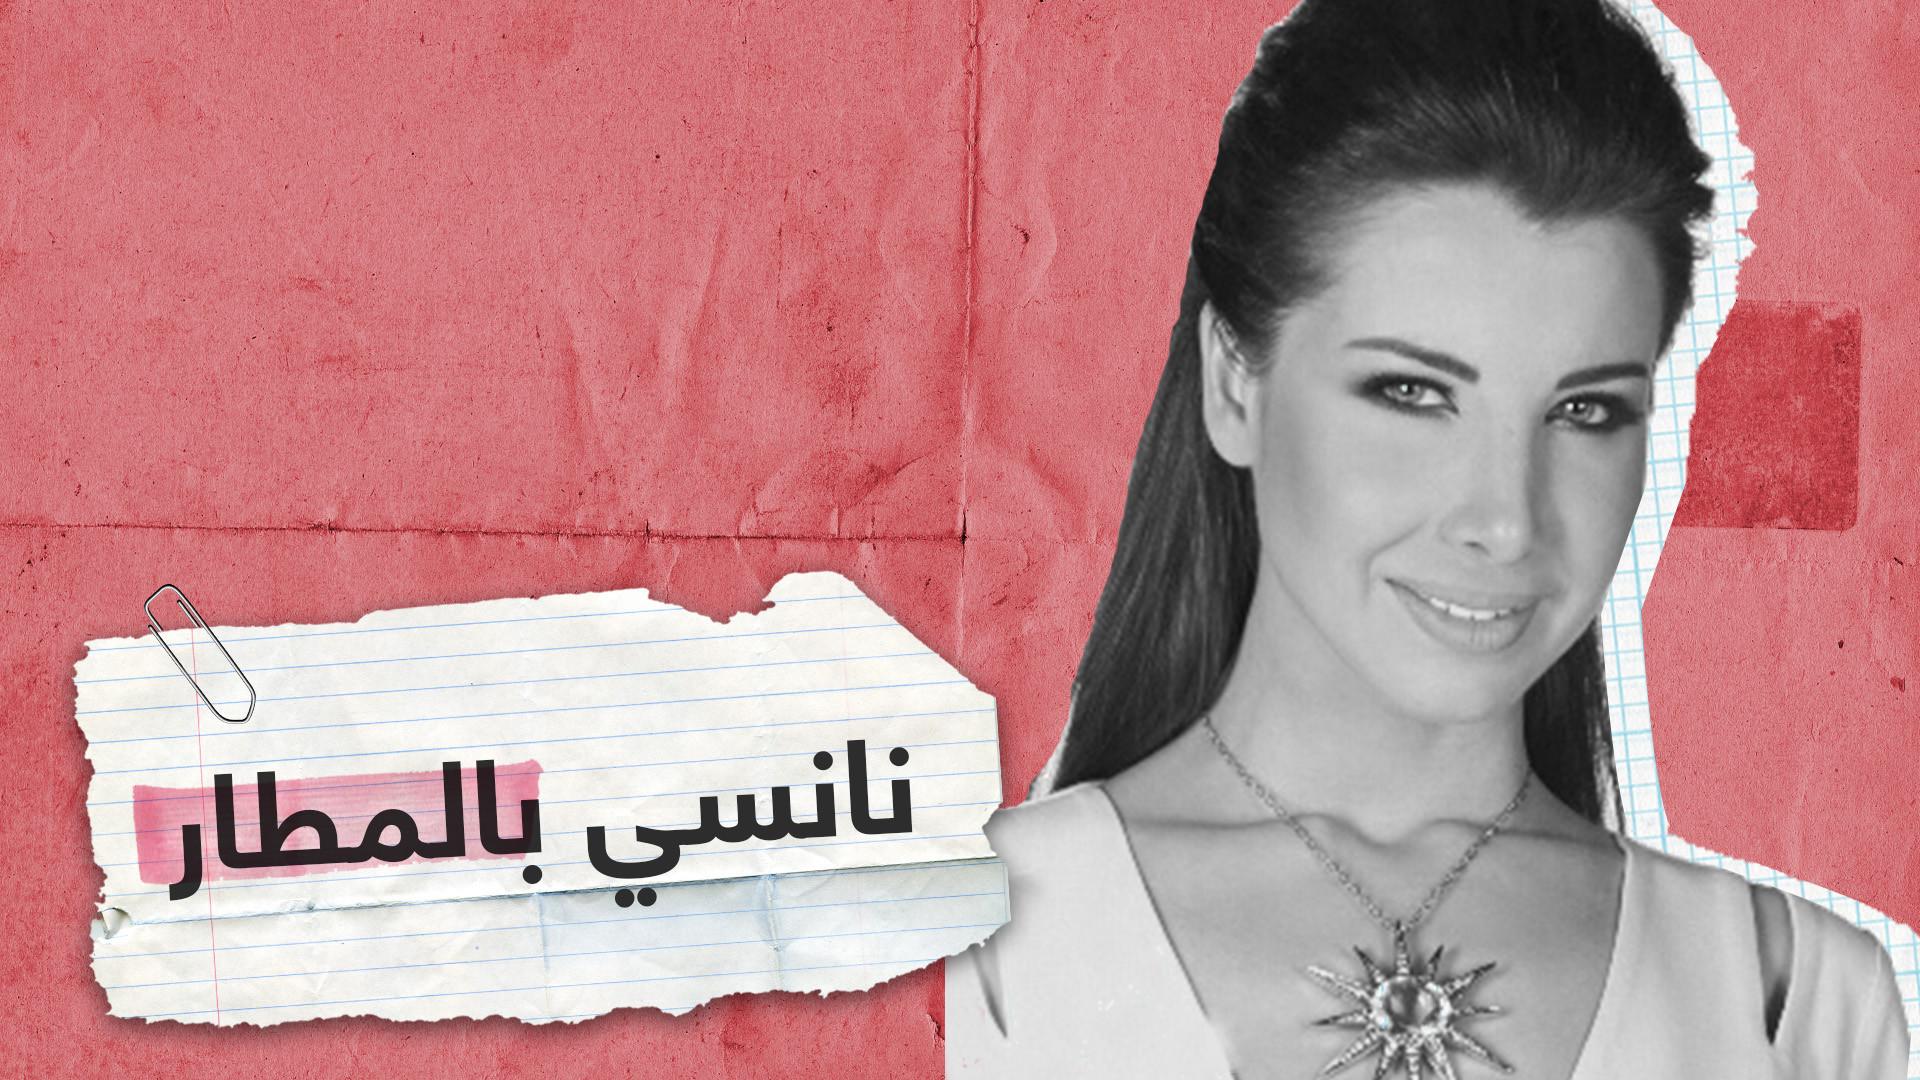 بعد وقوفها في طابور بمطار بيروت.. نانسي تهاجم السلطات على تويتر